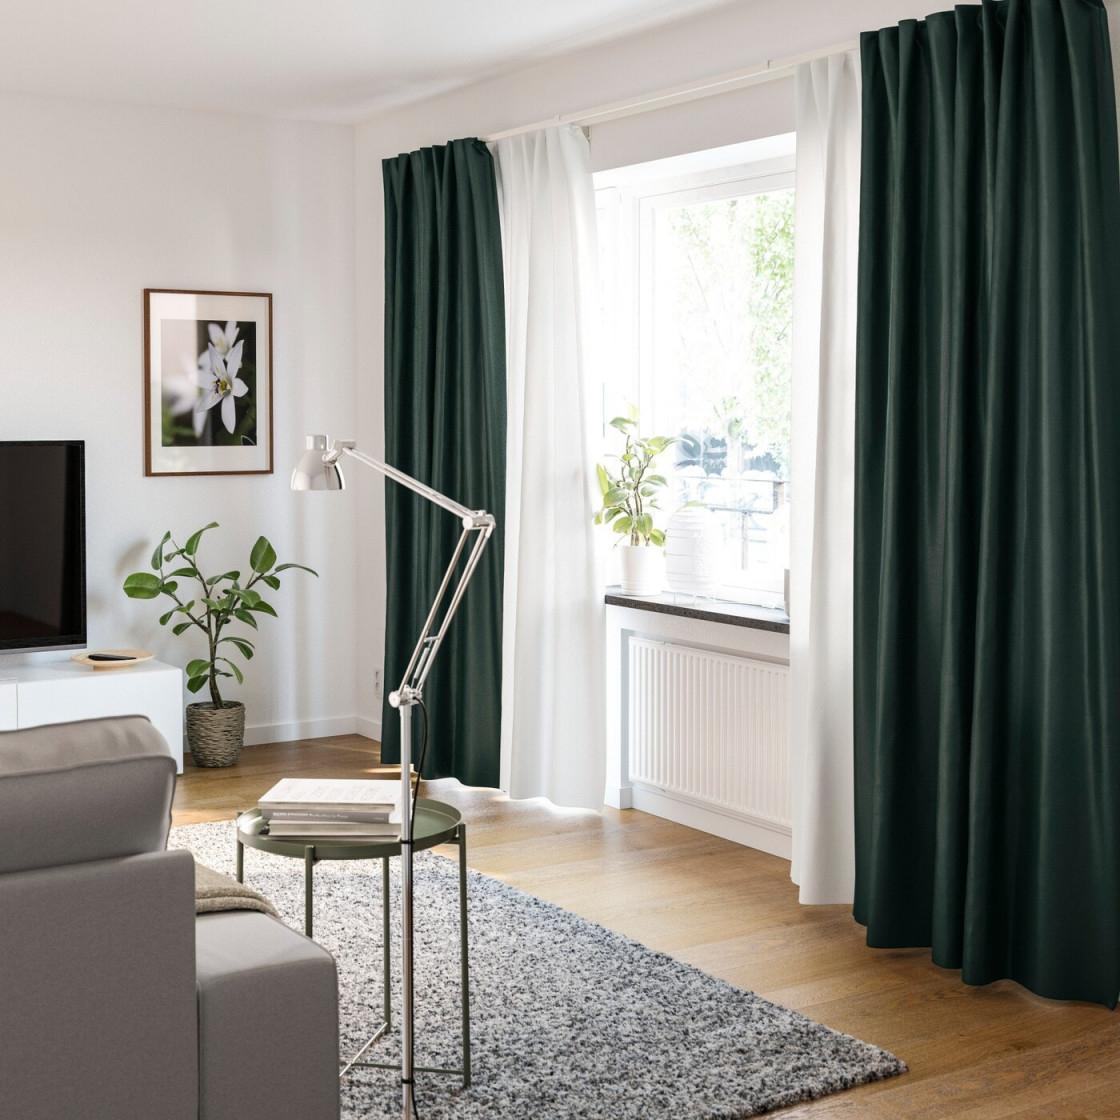 Gardinenideen Inspirationen Für Dein Zuhause  Ikea von Gardinen Vorhänge Wohnzimmer Photo